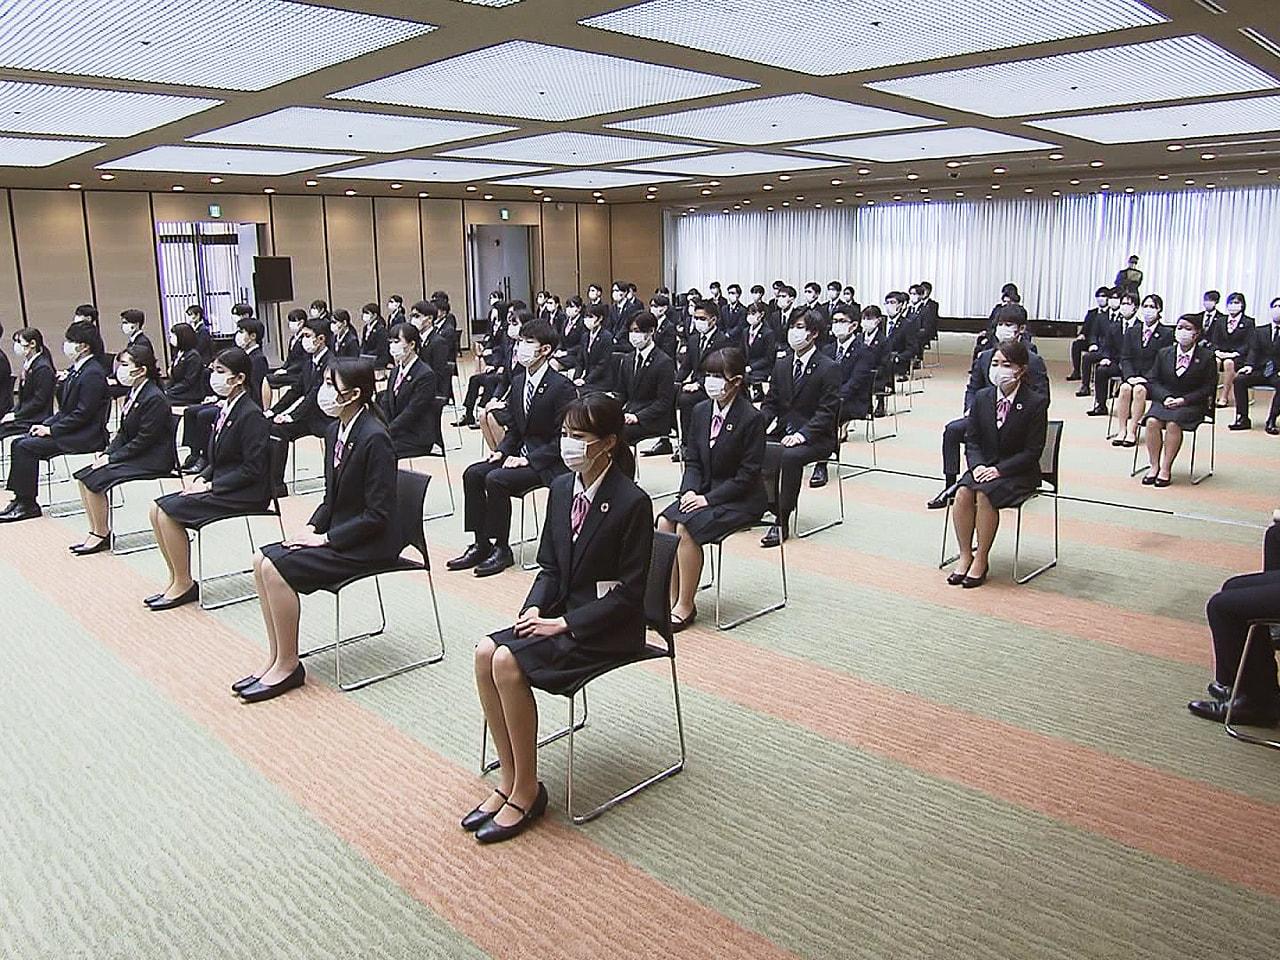 岐阜県では1日、多くの企業で入社式が行われ、若者が社会人としての歩みを始めました...